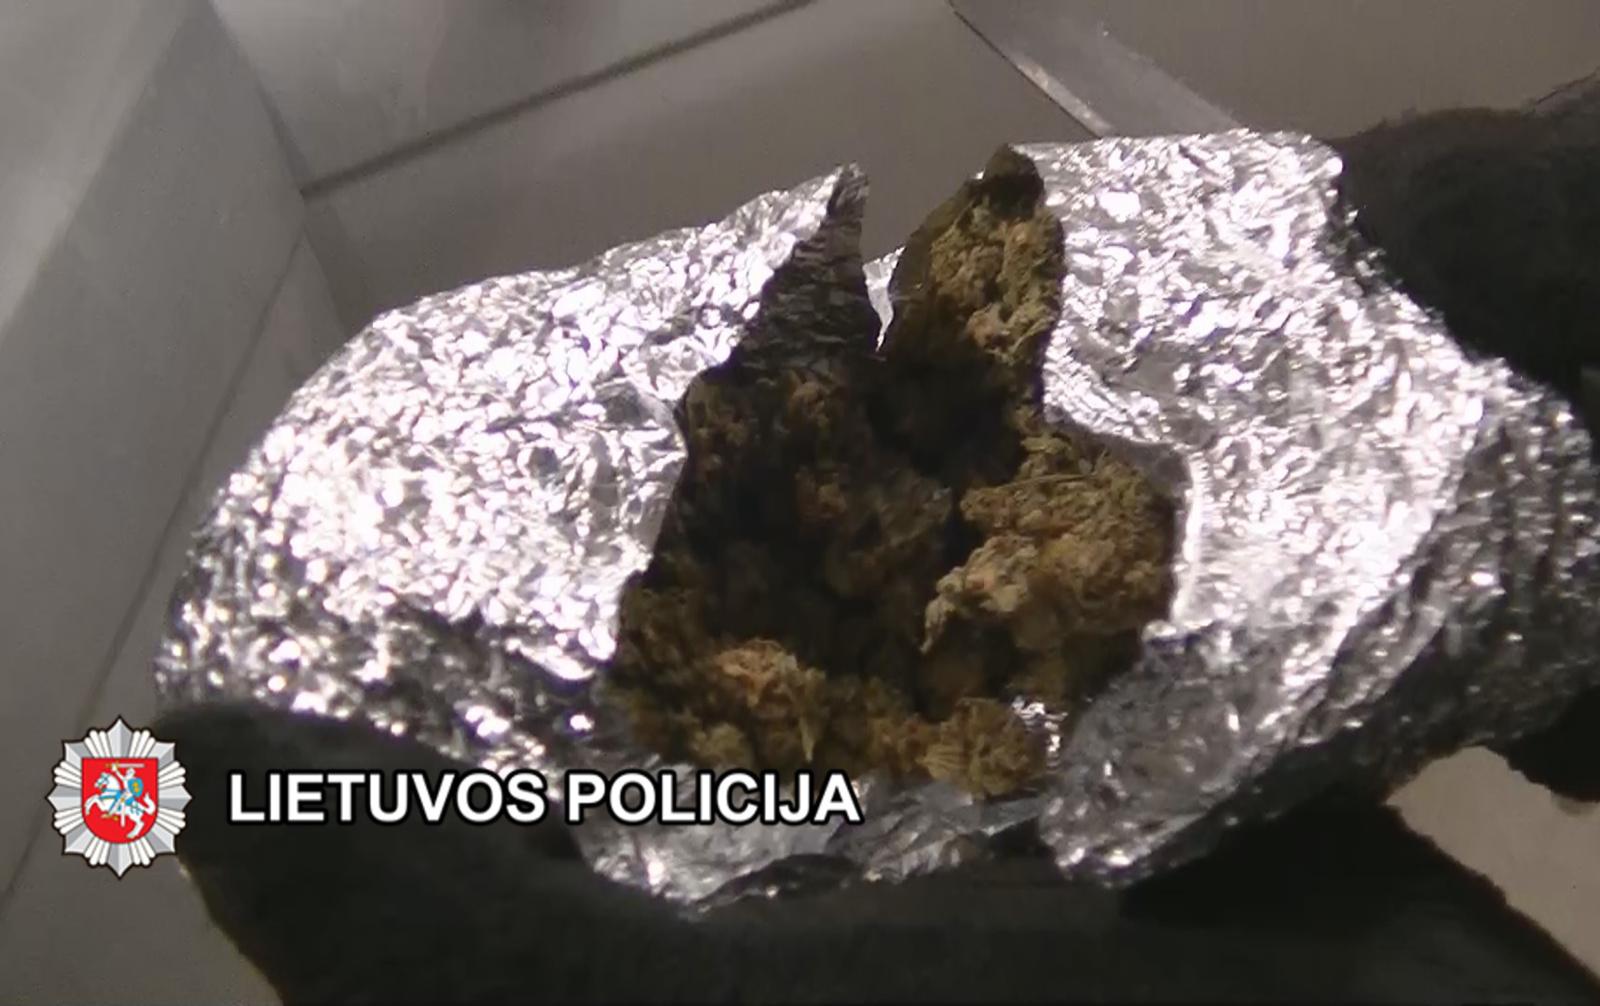 Klaipėdos apskrities kriminalistai baigė penkis ikiteisminius tyrimus dėl narkotinių medžiagų platinimo Plungės rajone (vaizdo įrašas)